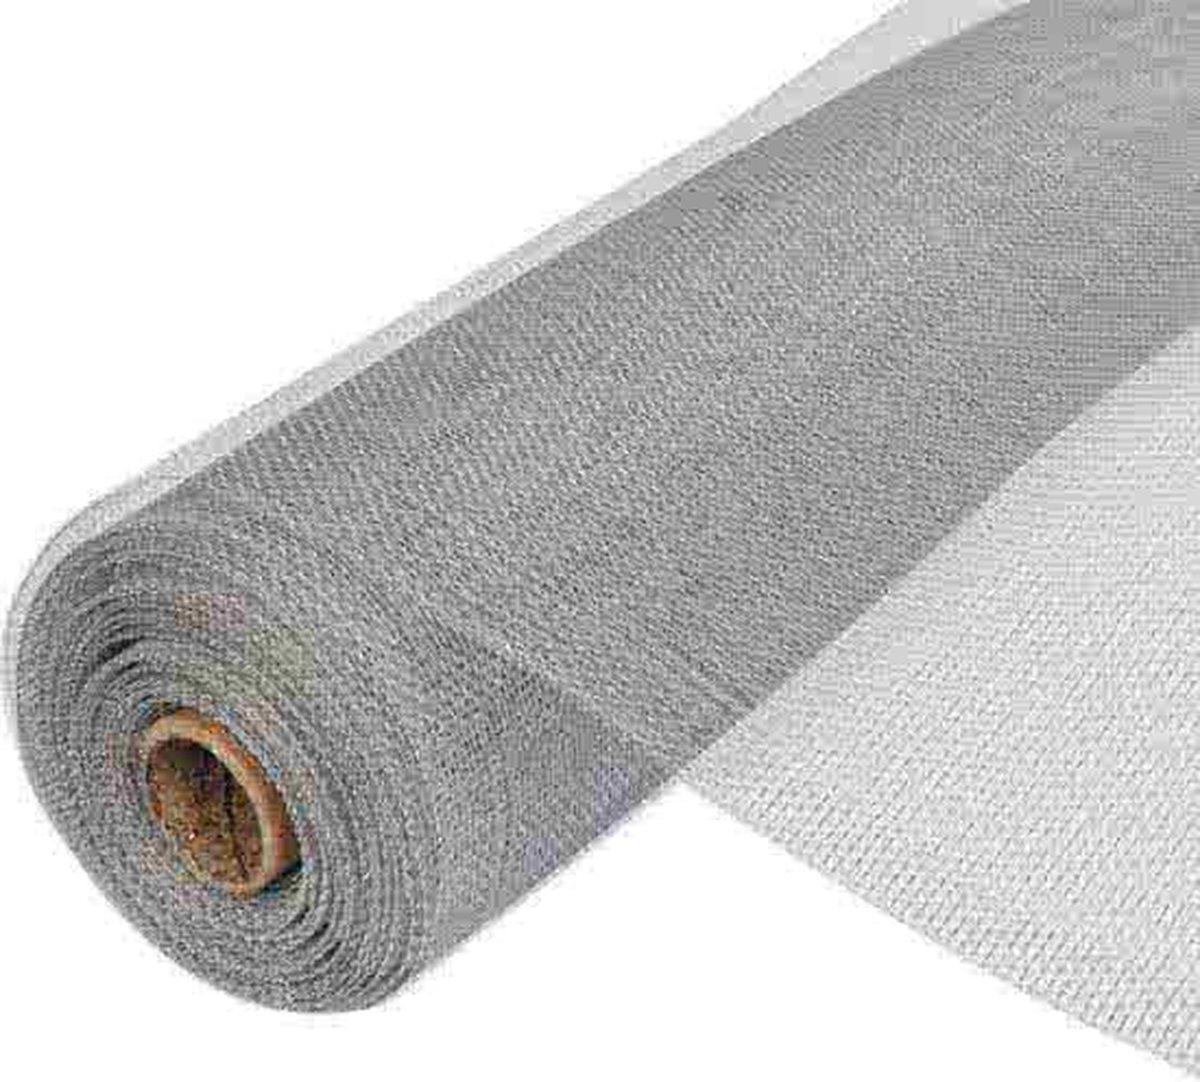 Aluminium horrenhaas 0,8x30m maaswijdte 18x16 - Schadébo Professioneel